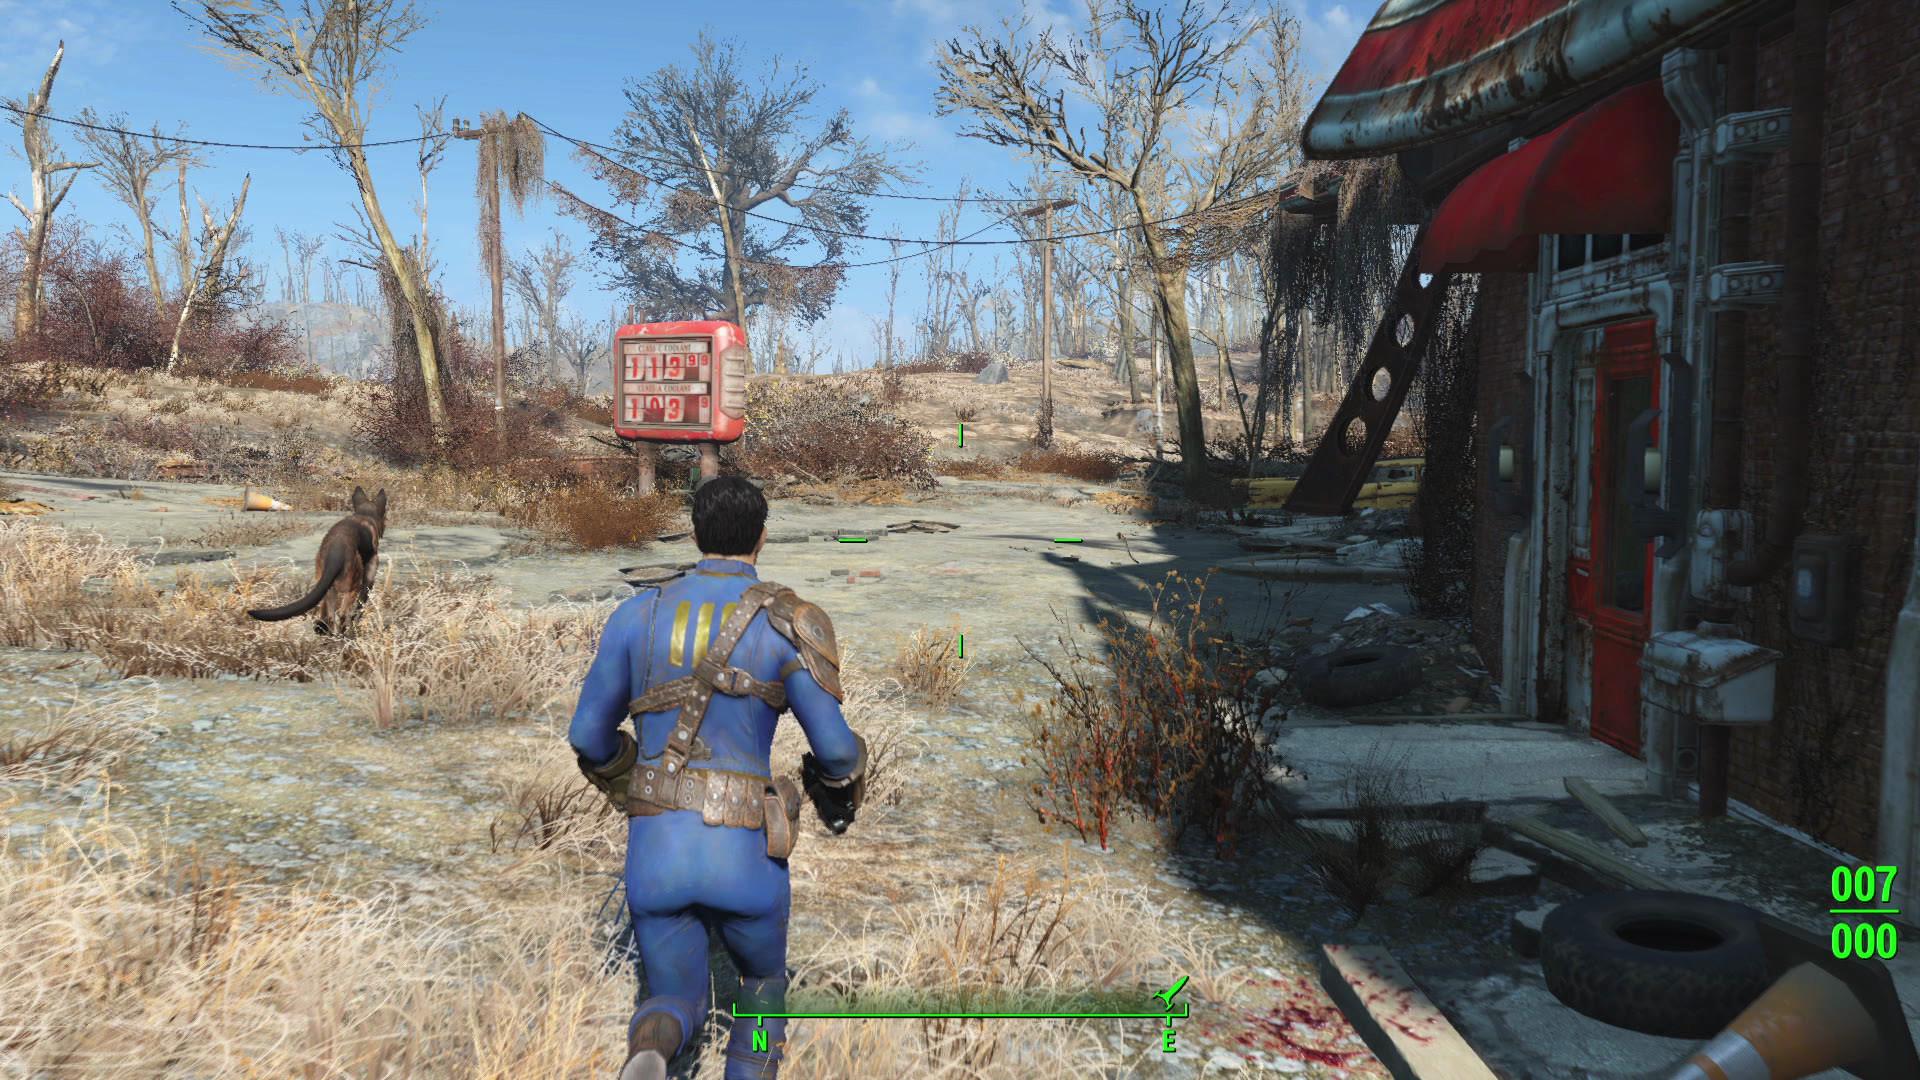 Fallout 4 ESPAÑOL PC Full + Update v1.1.30 (CODEX) + REPACK 5 DVD5 (JPW) 8